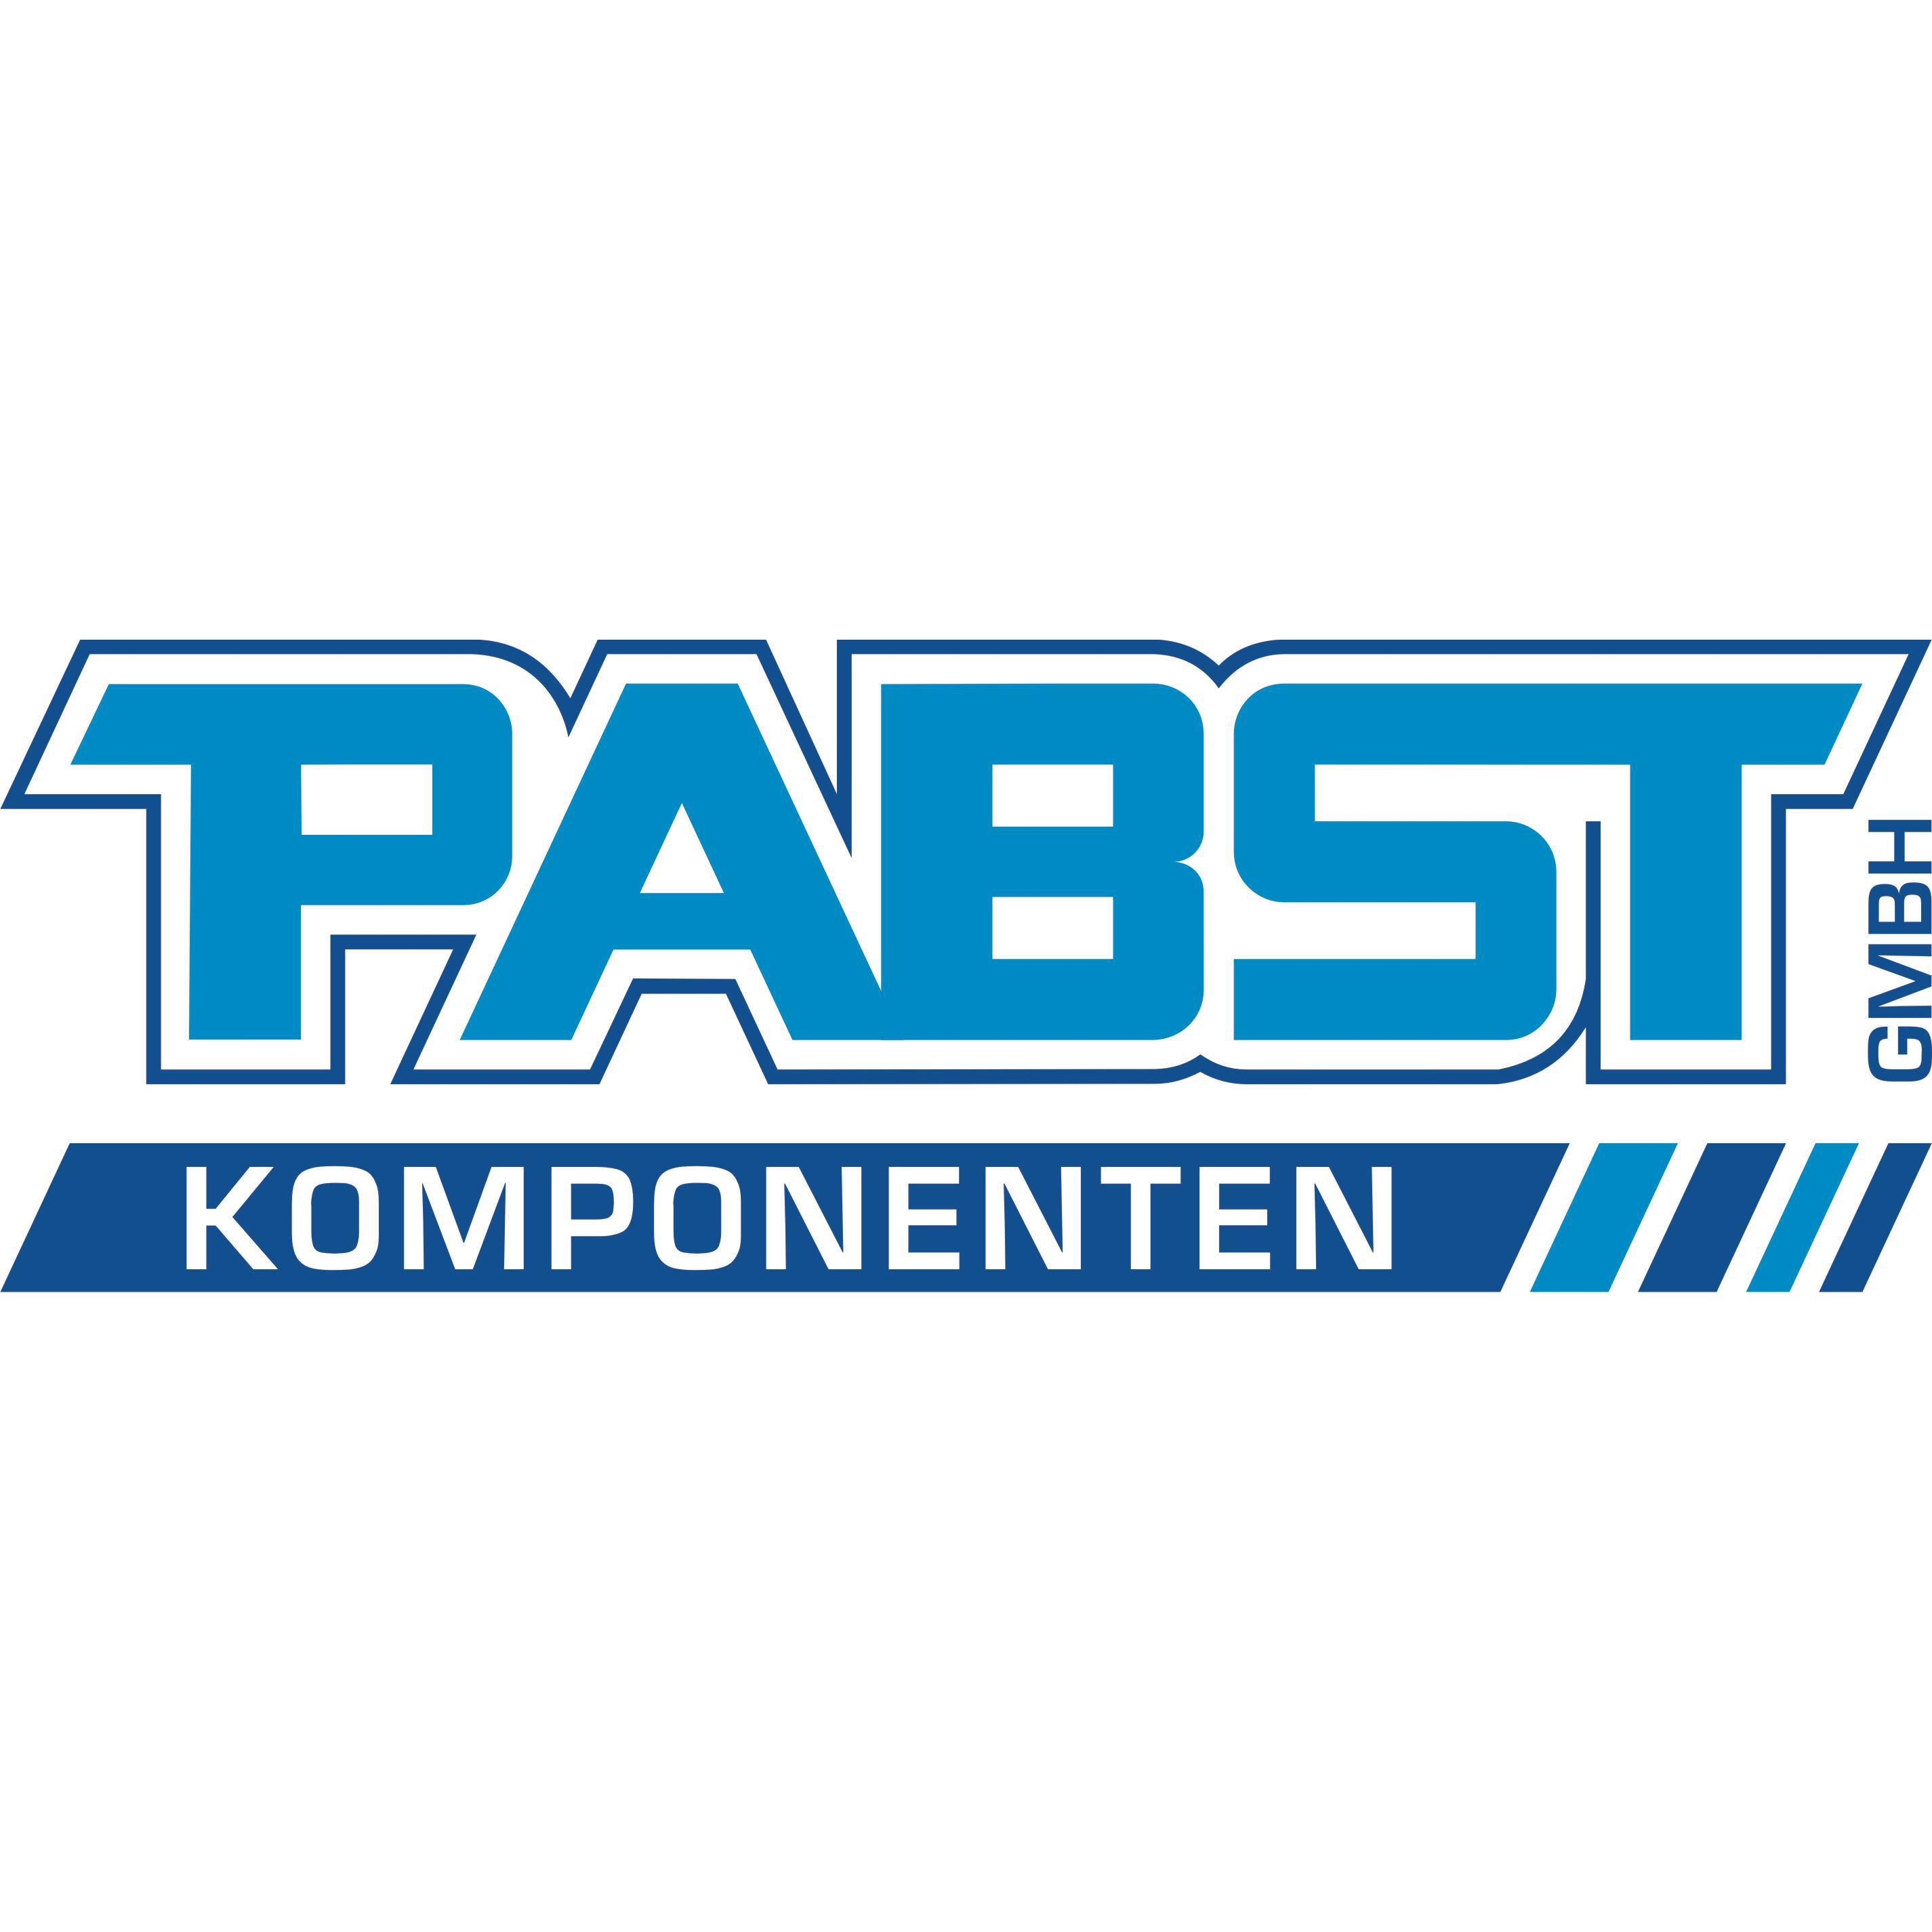 Pabst Komponentenfertigung GmbH